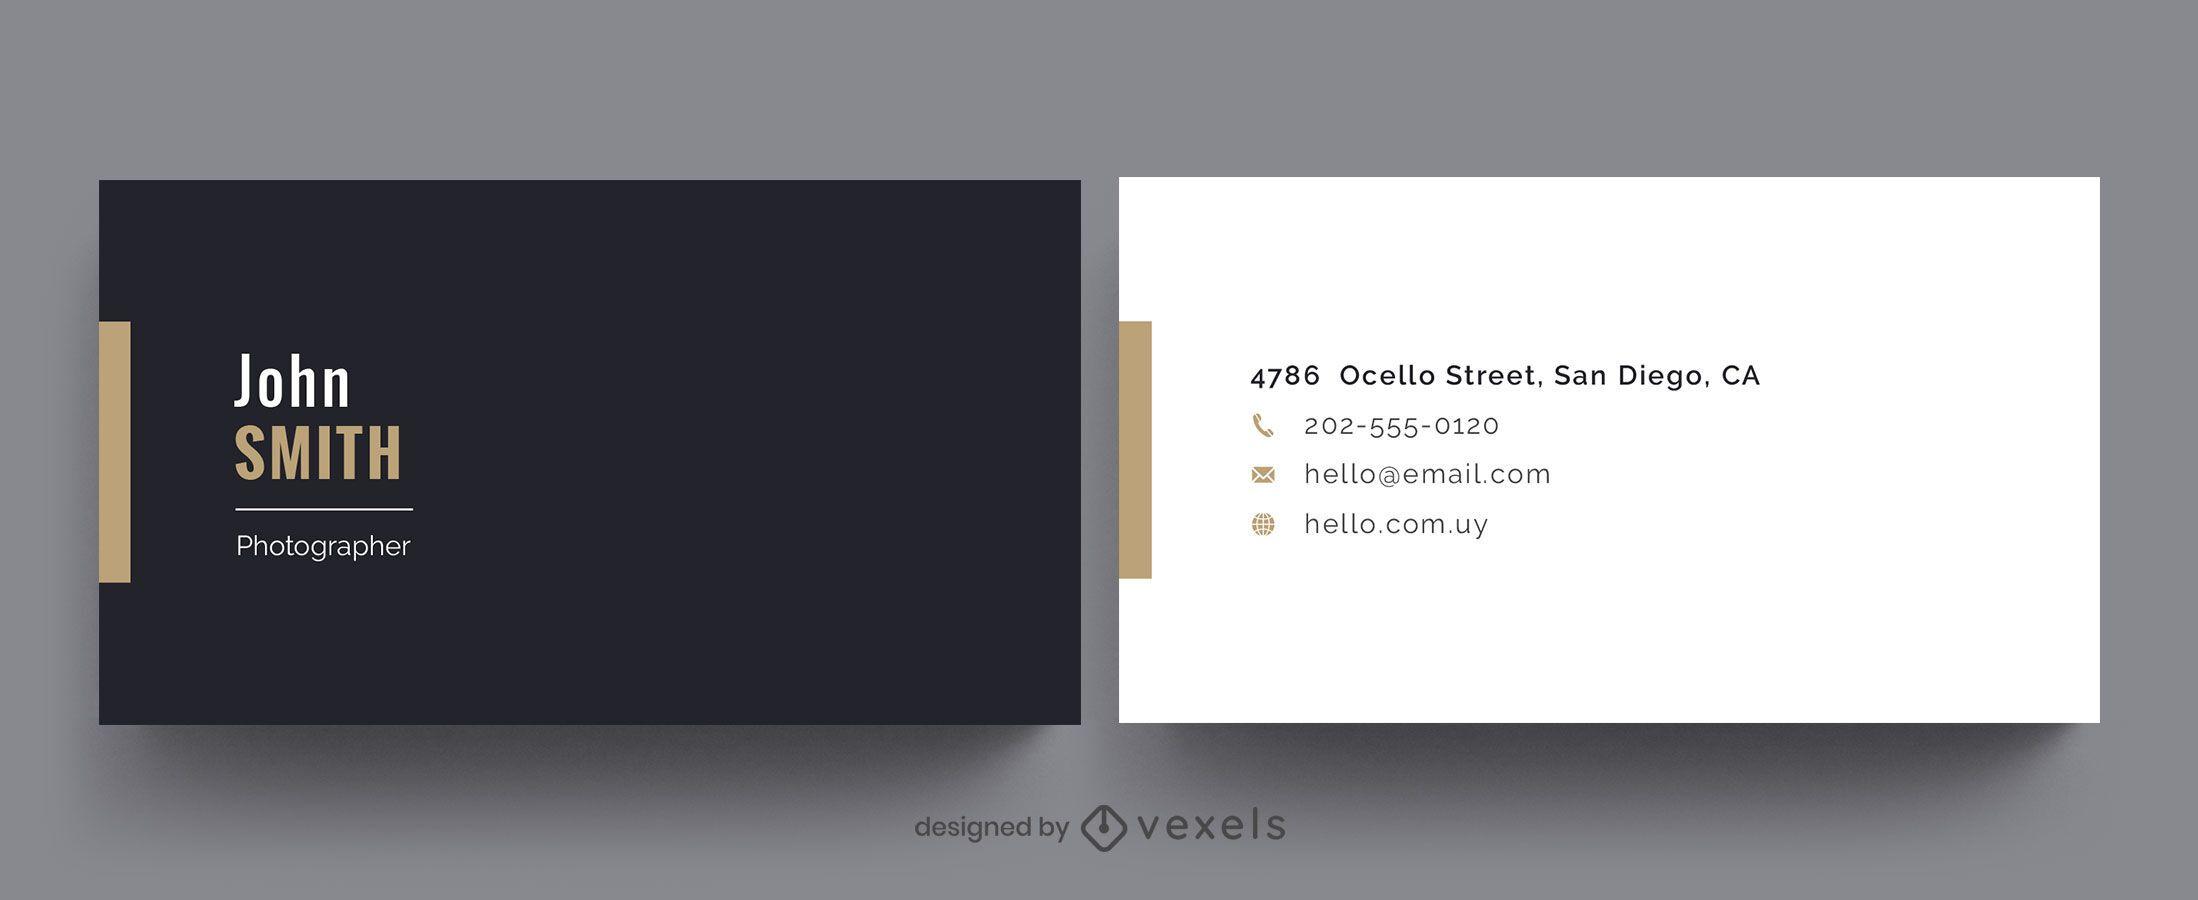 Design simples de cartão de visita profissional